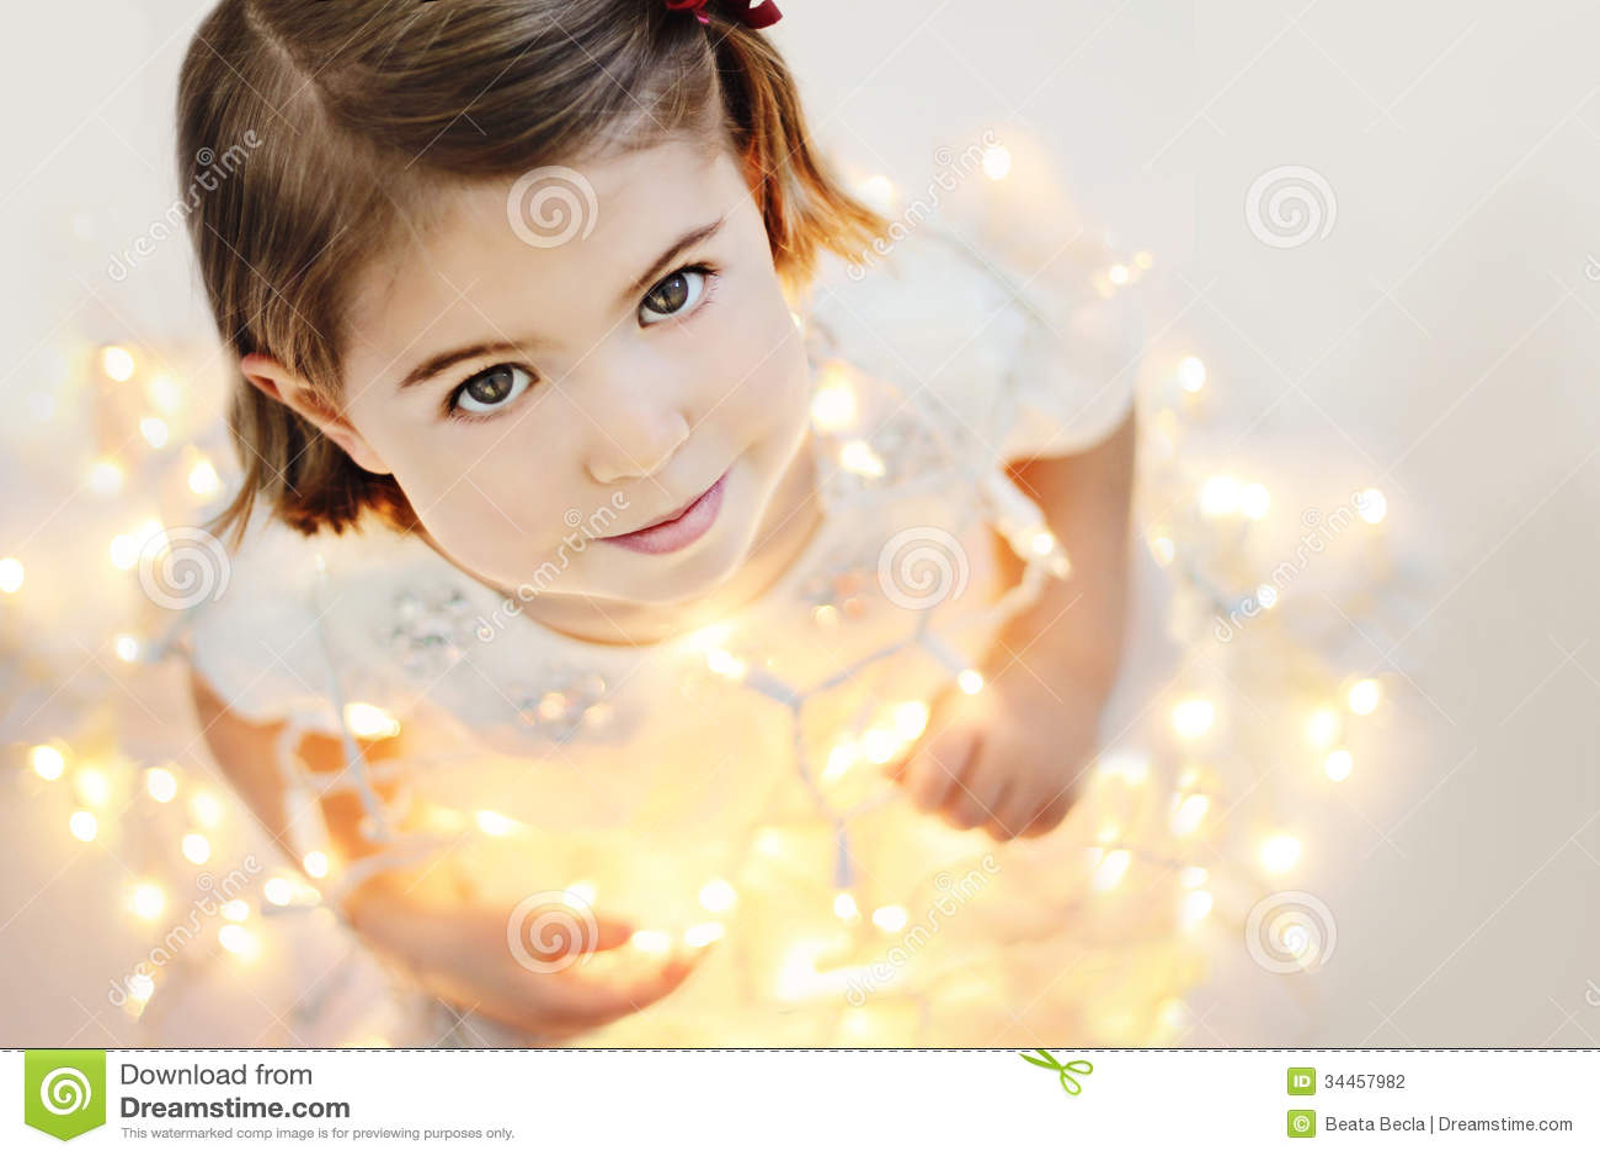 Nettes, lächelndes kleines Mädchen mit glühenden Weihnachtslichtern